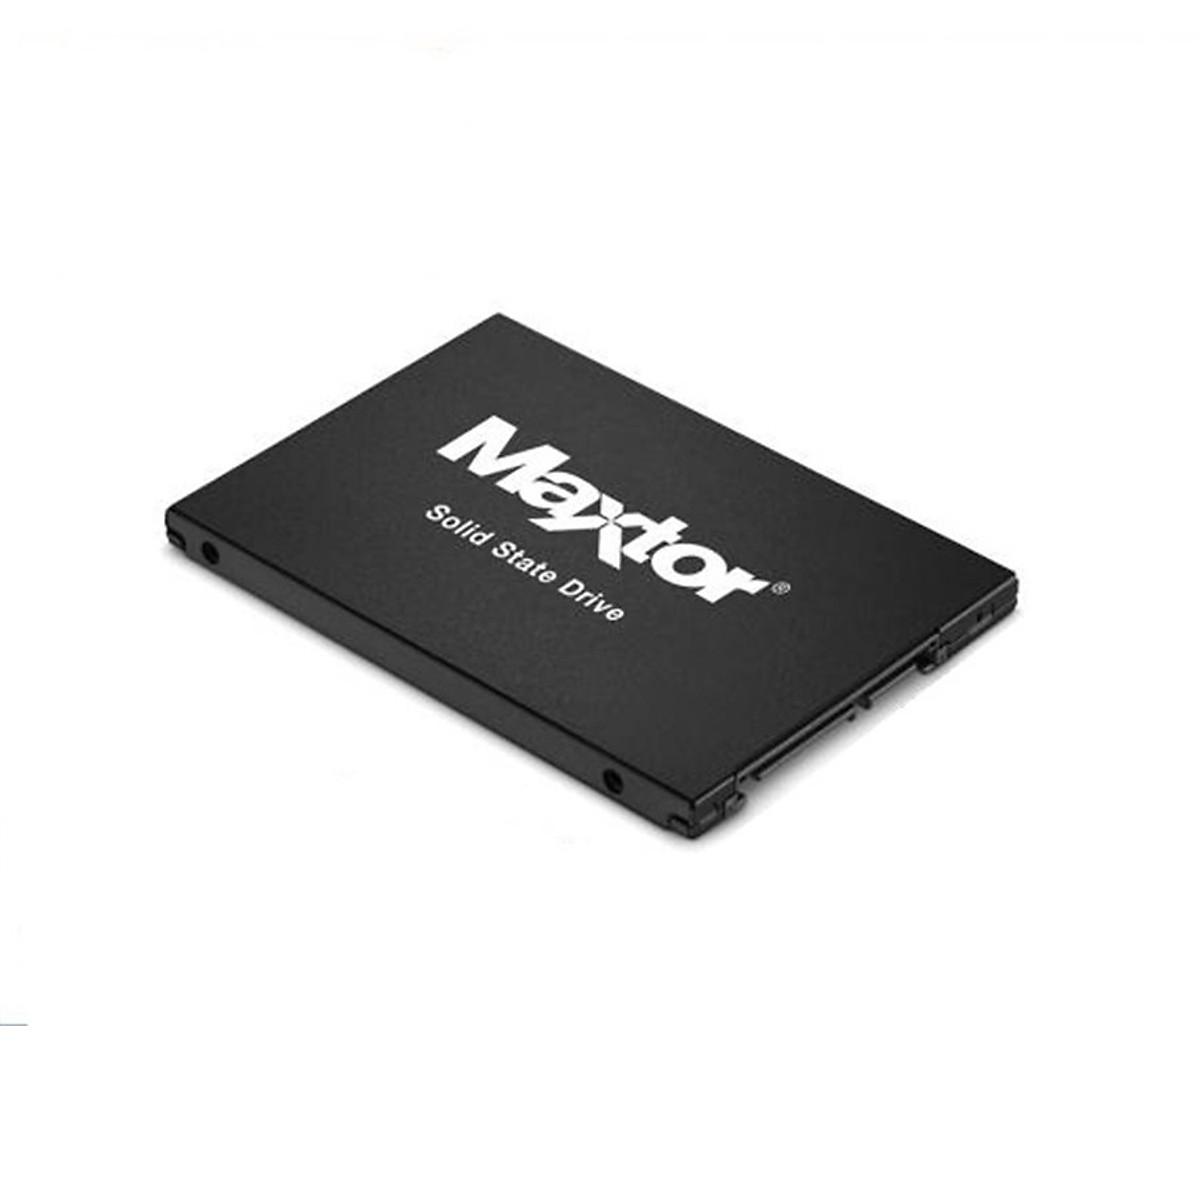 Ổ cứng SSD Seagate Maxtor 240GB SATA YA240VC1A001 – Hàng Chính Hãng